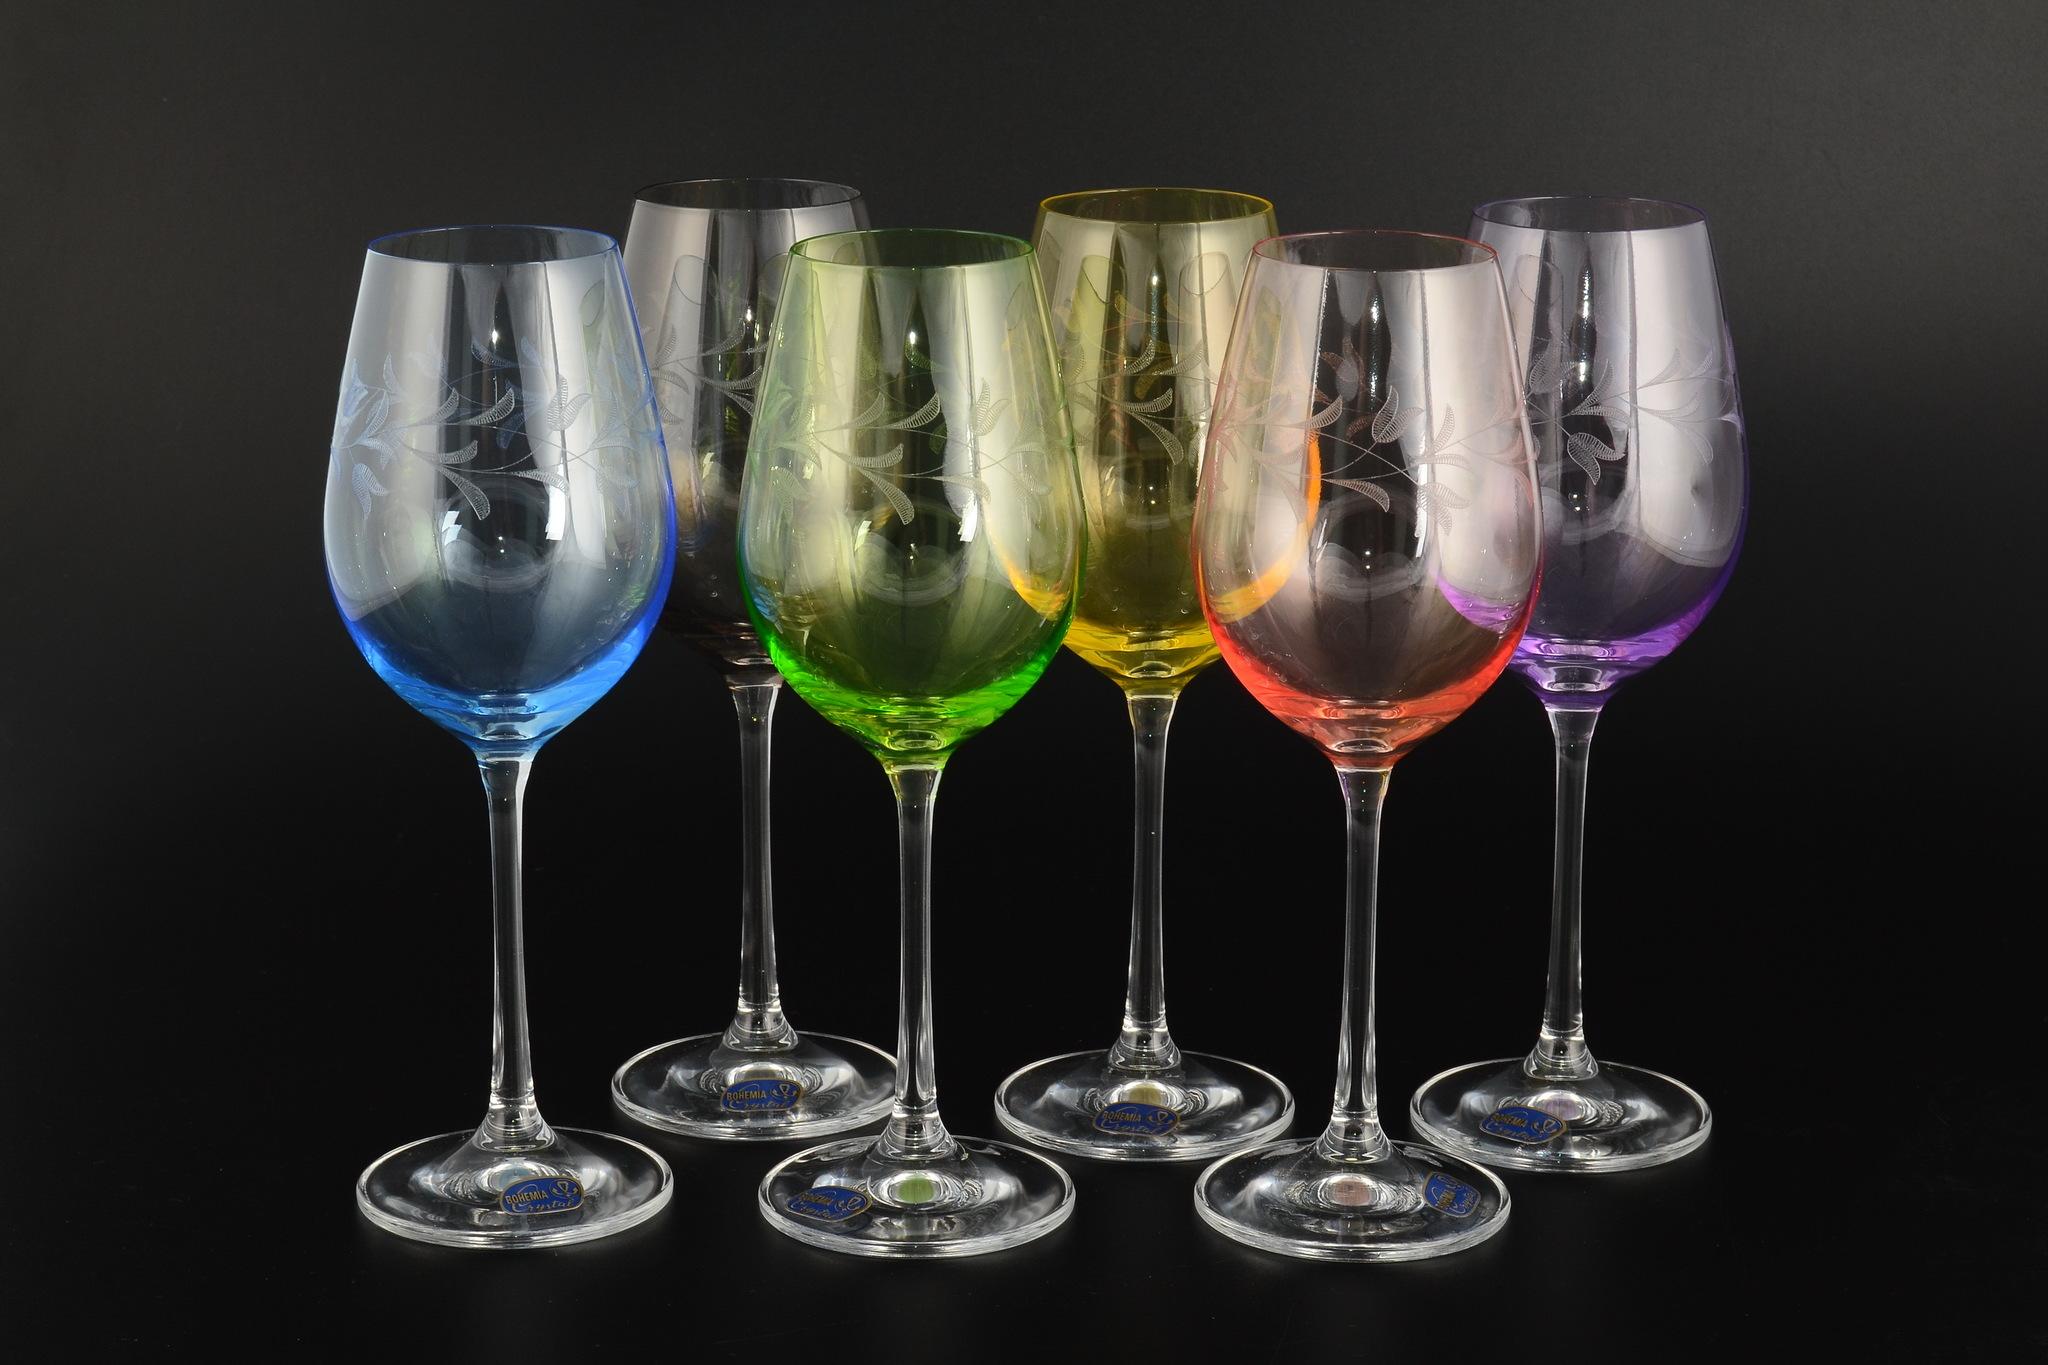 цветные бокалы для вина